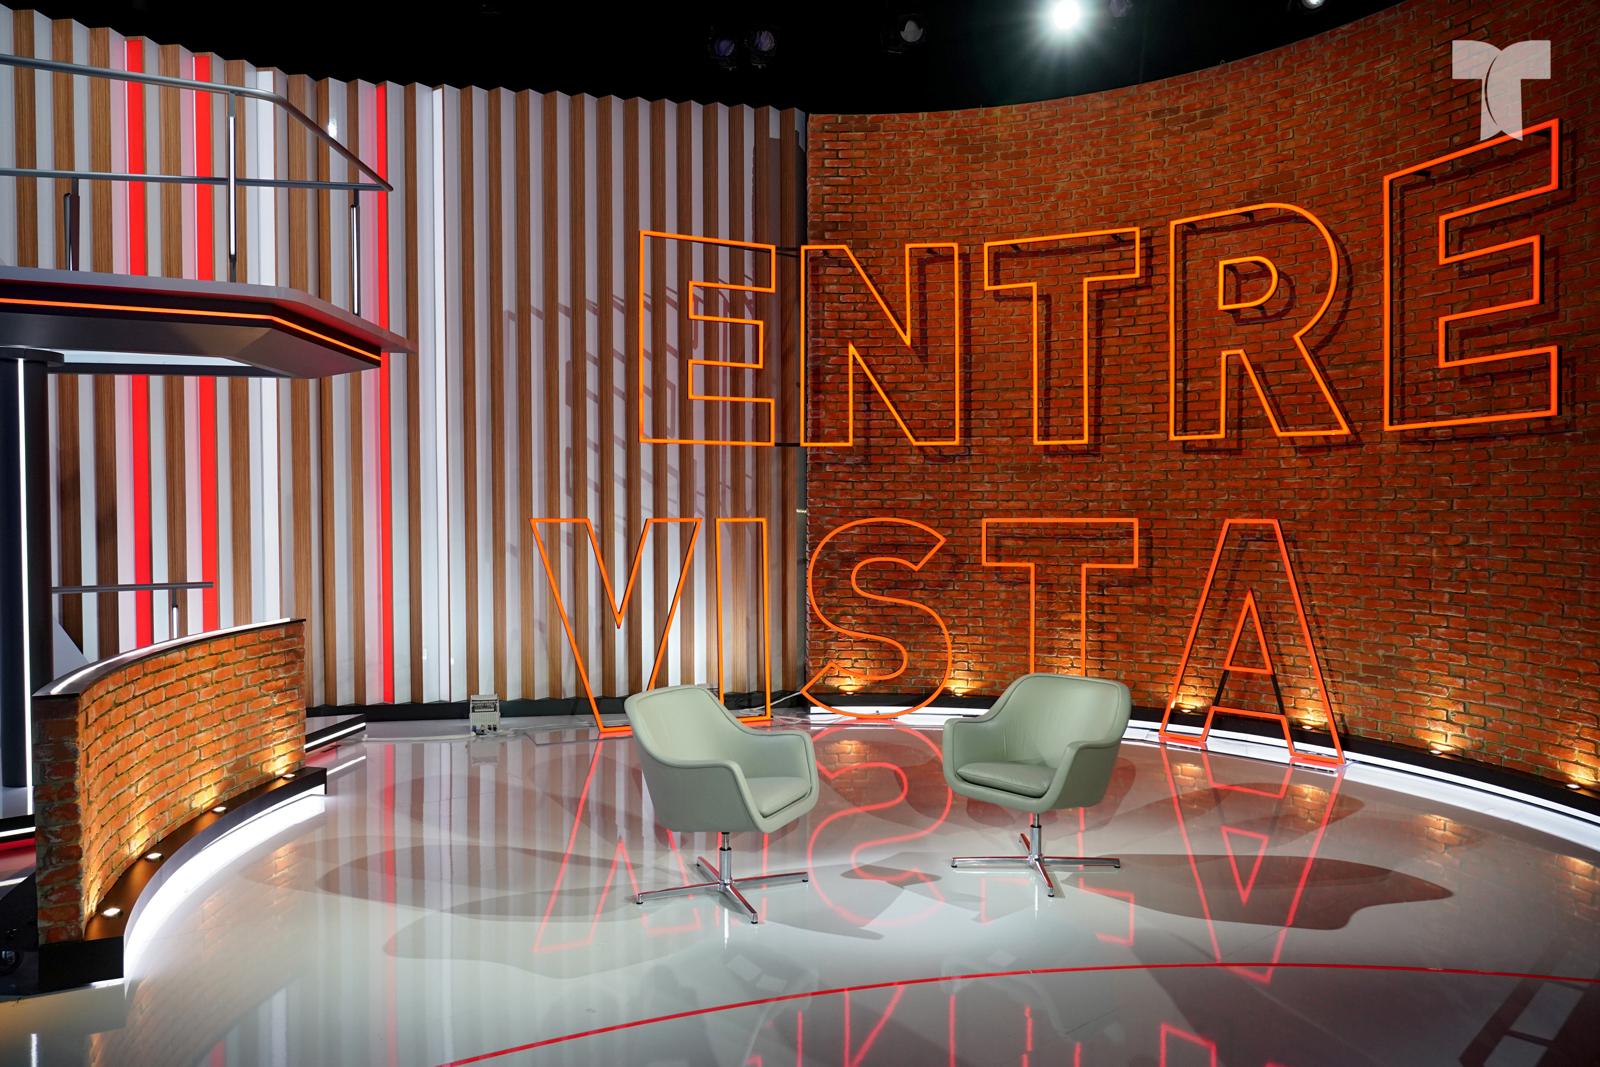 ncs_noticias-telemundo-estudio-miami_0006